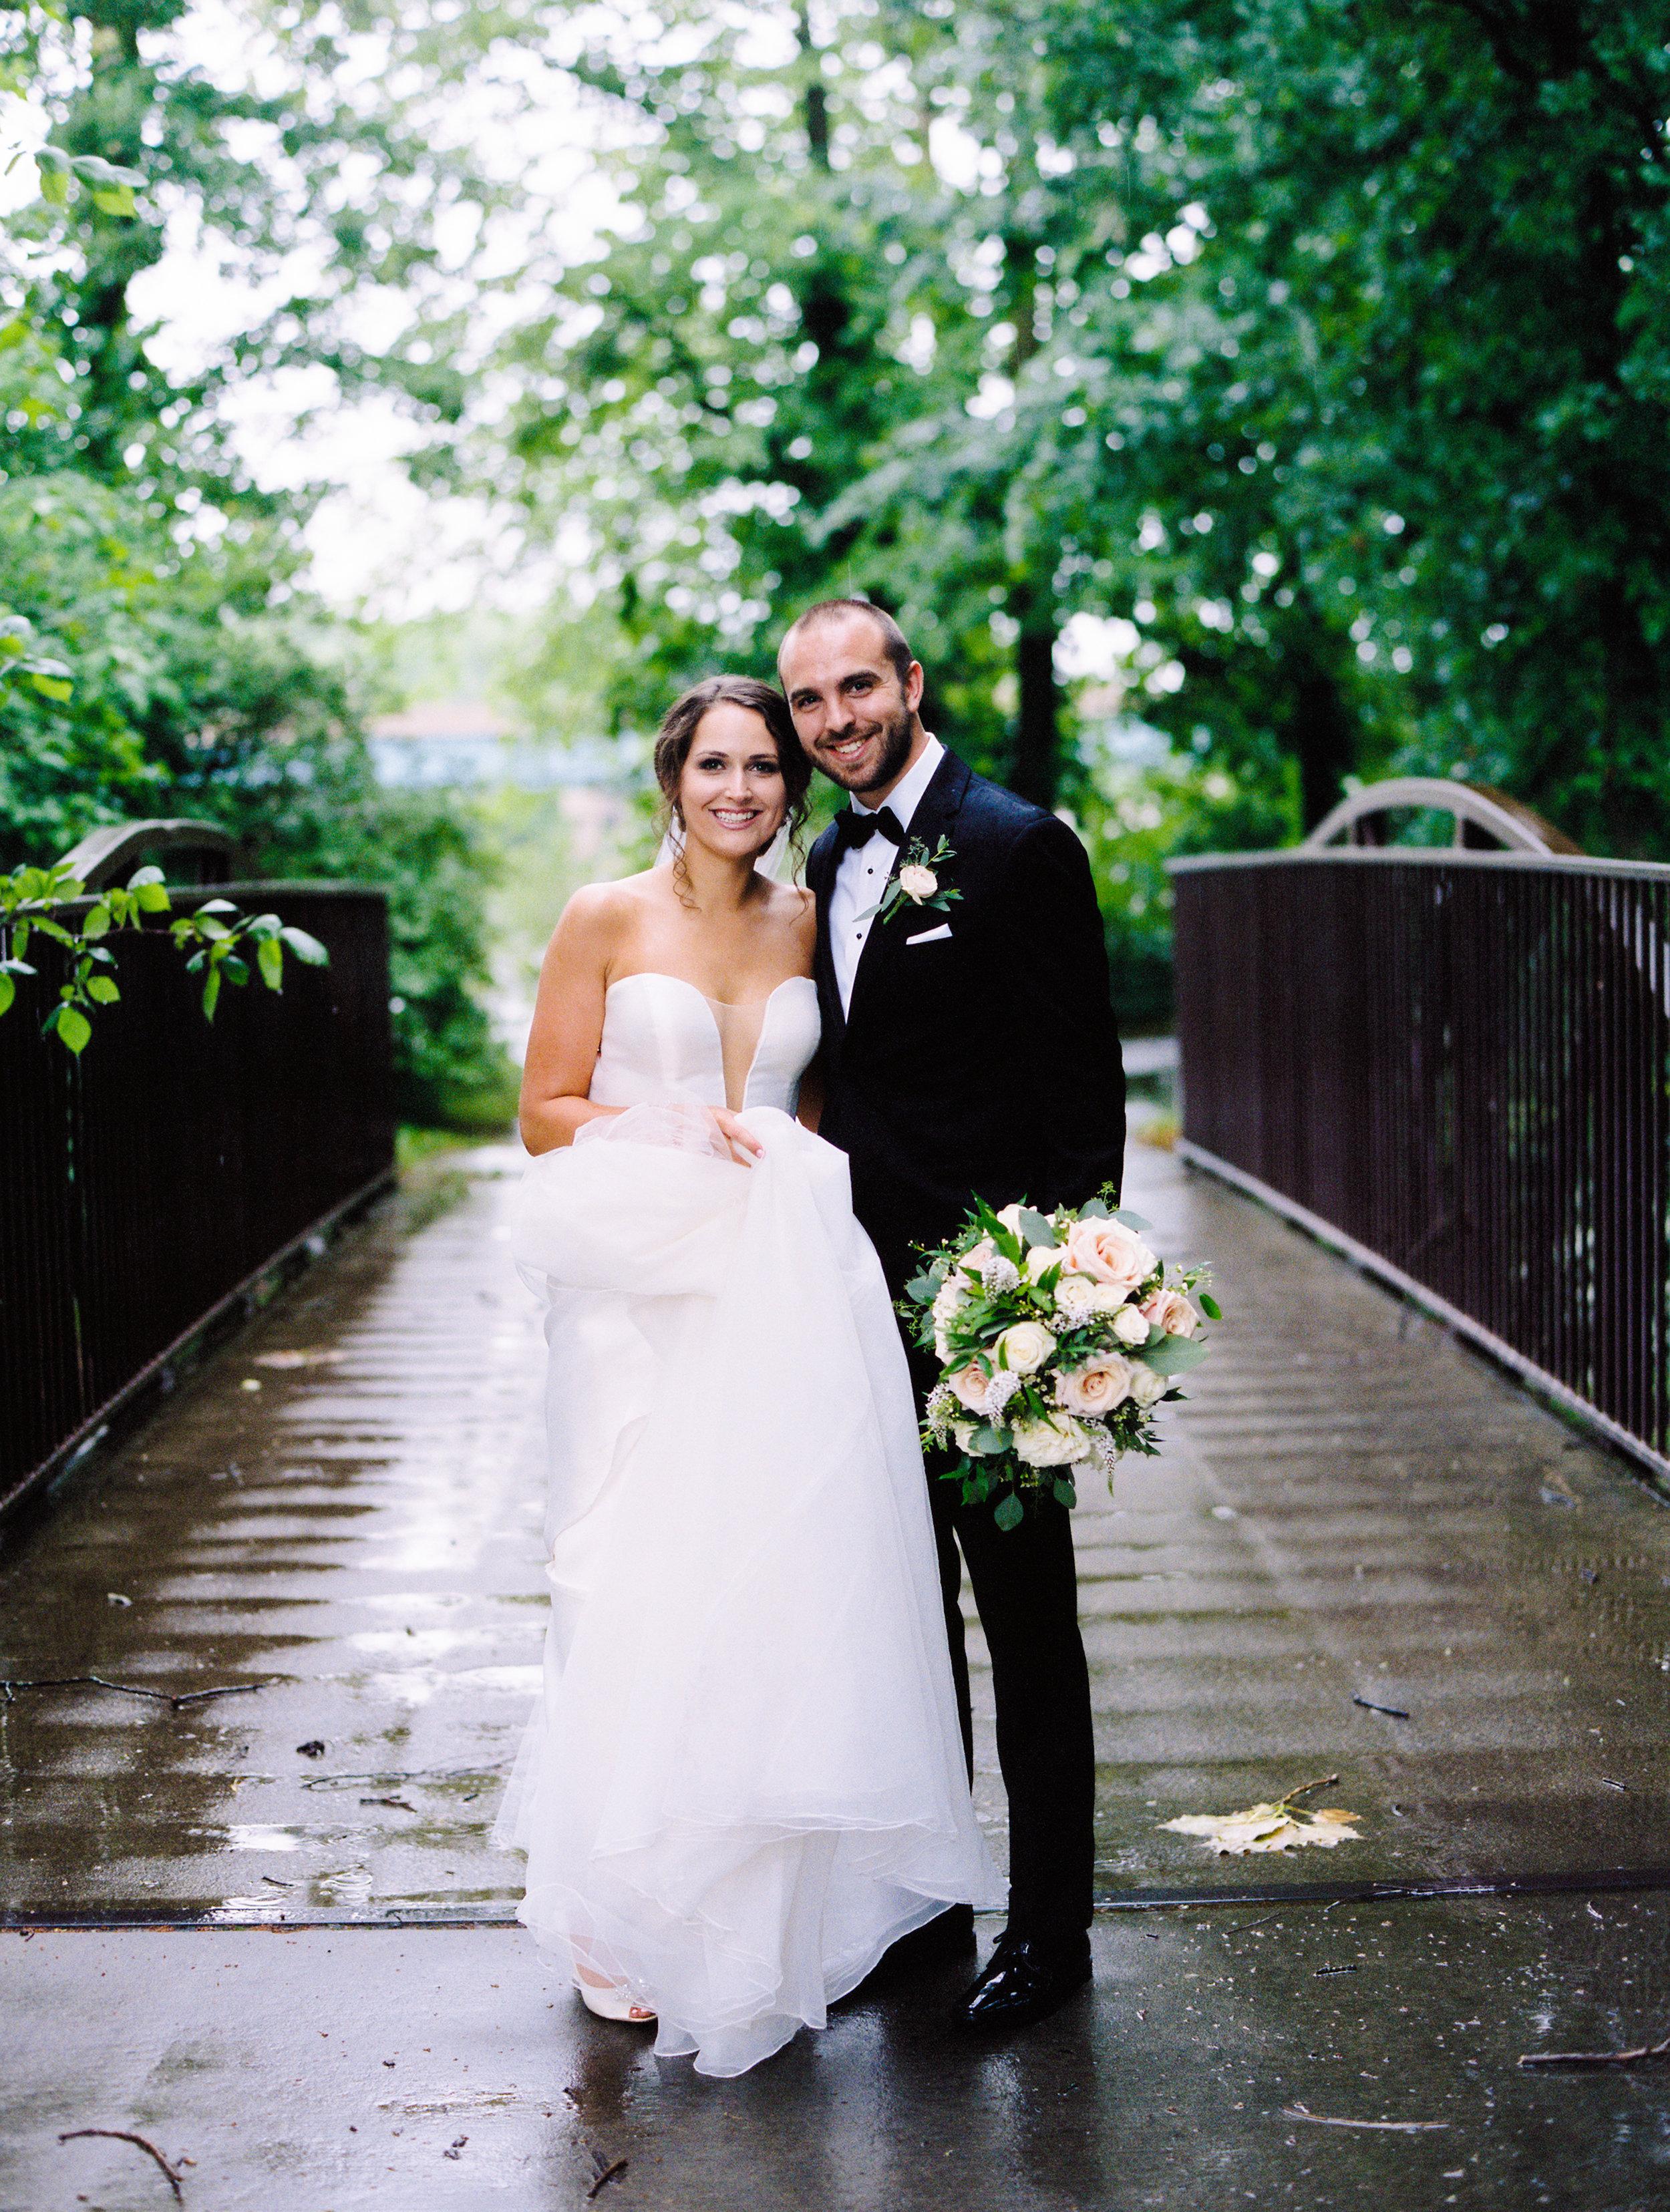 Steiner+Wedding+Bridal+Party-20.jpg